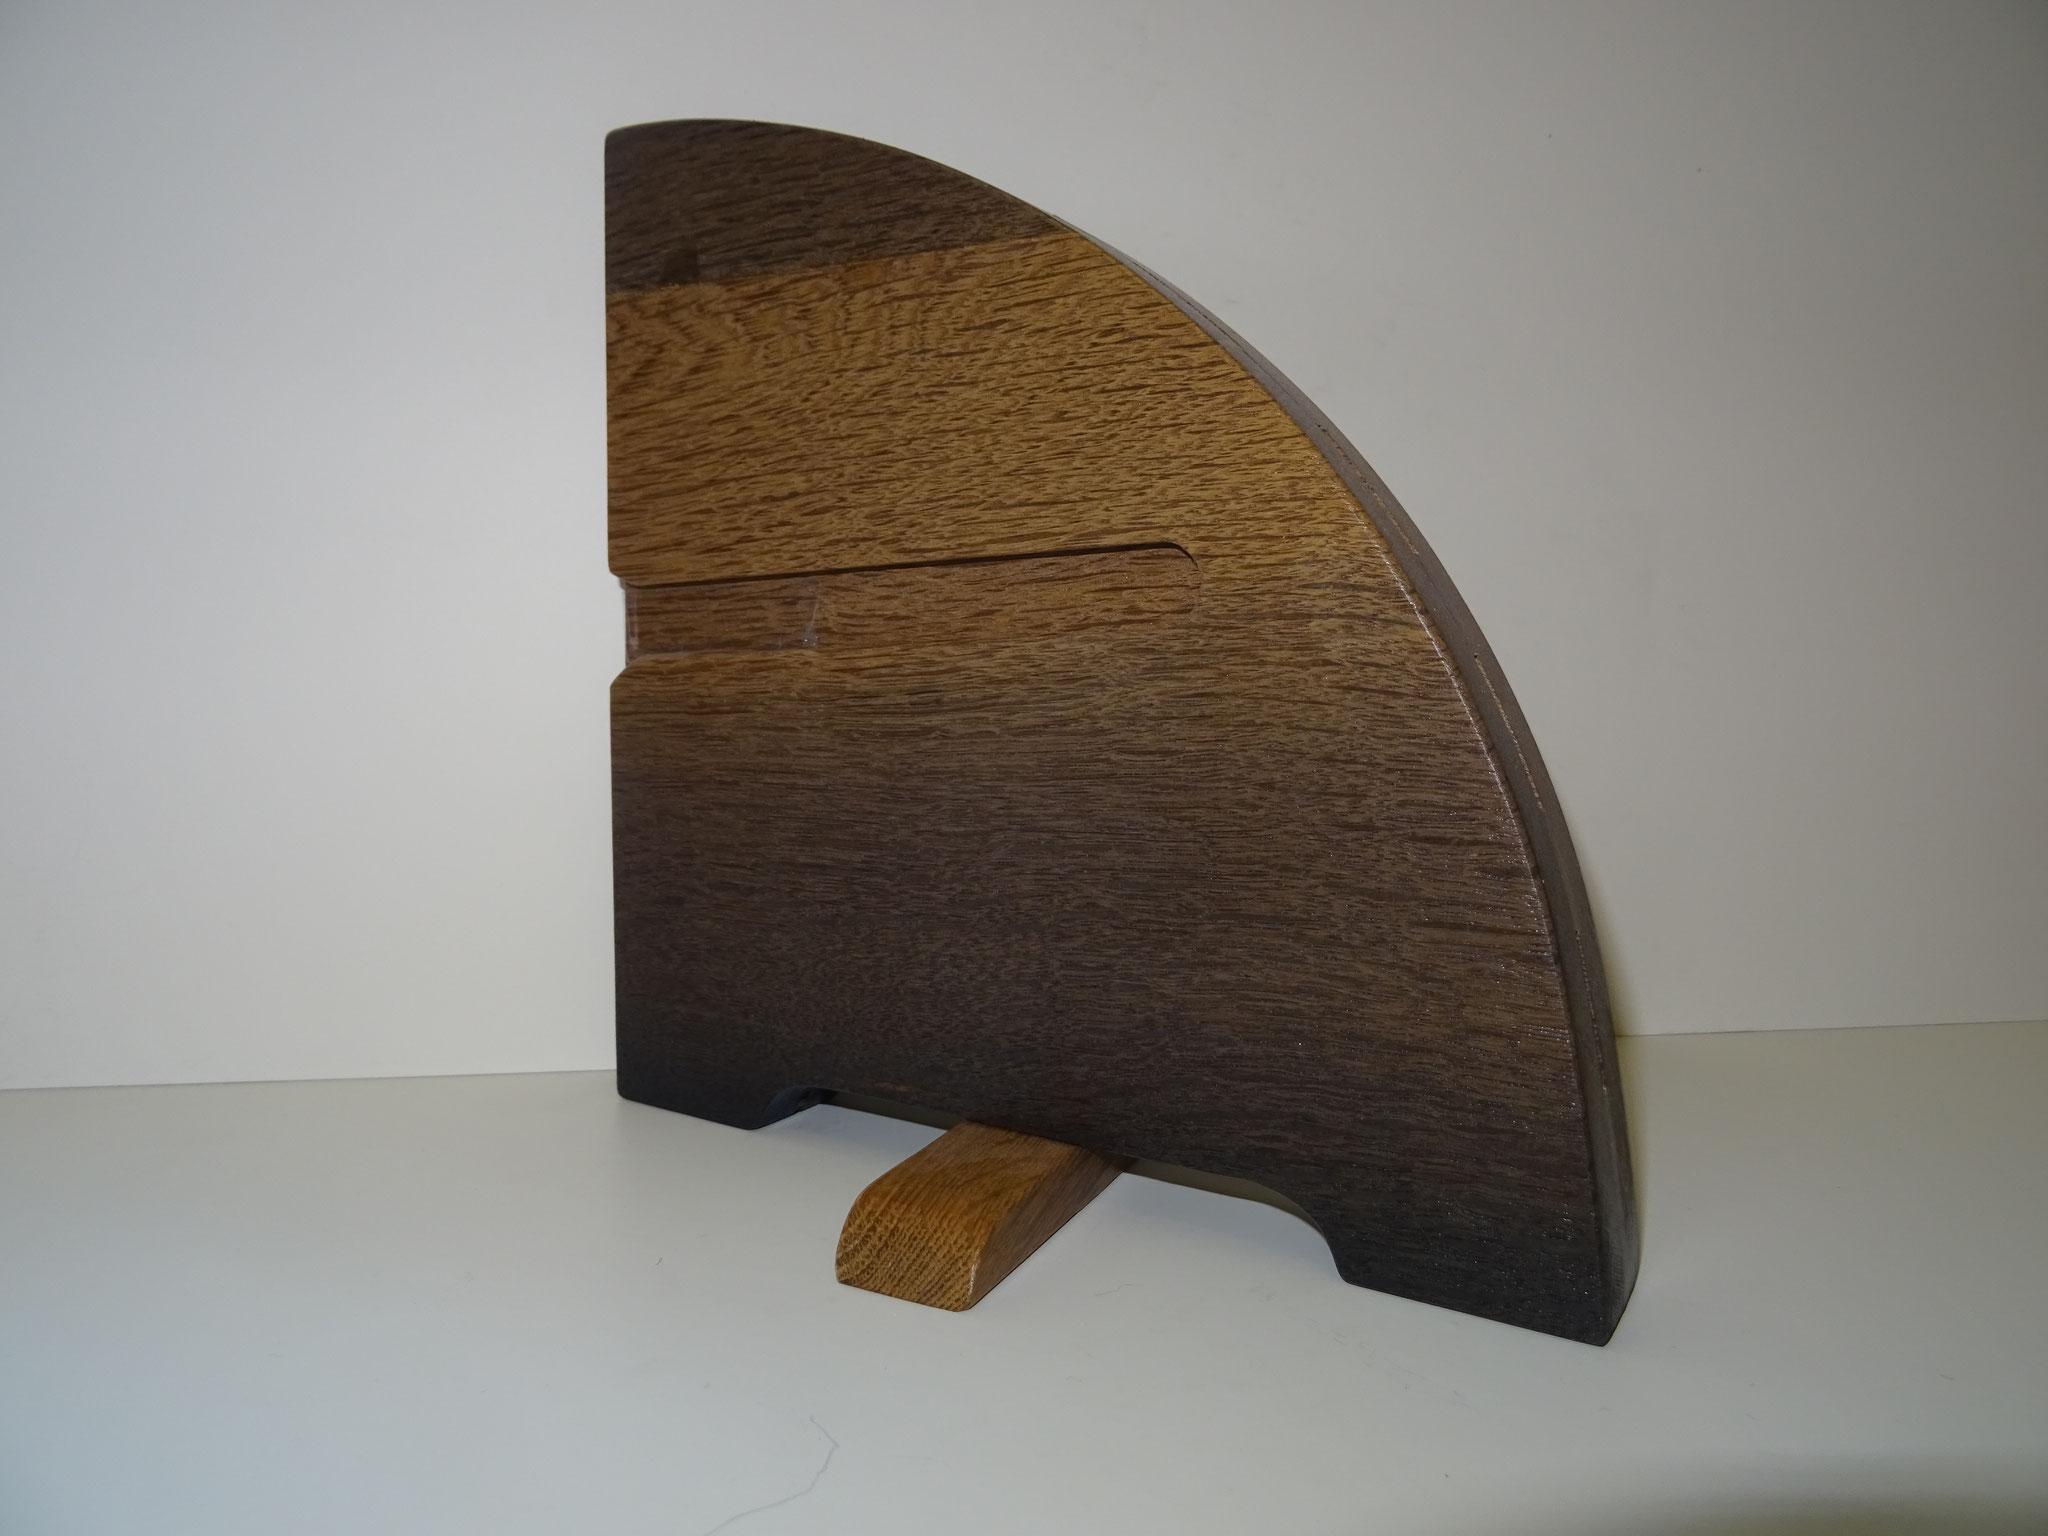 Moor-Eiche klein (Farb-Beispiel)